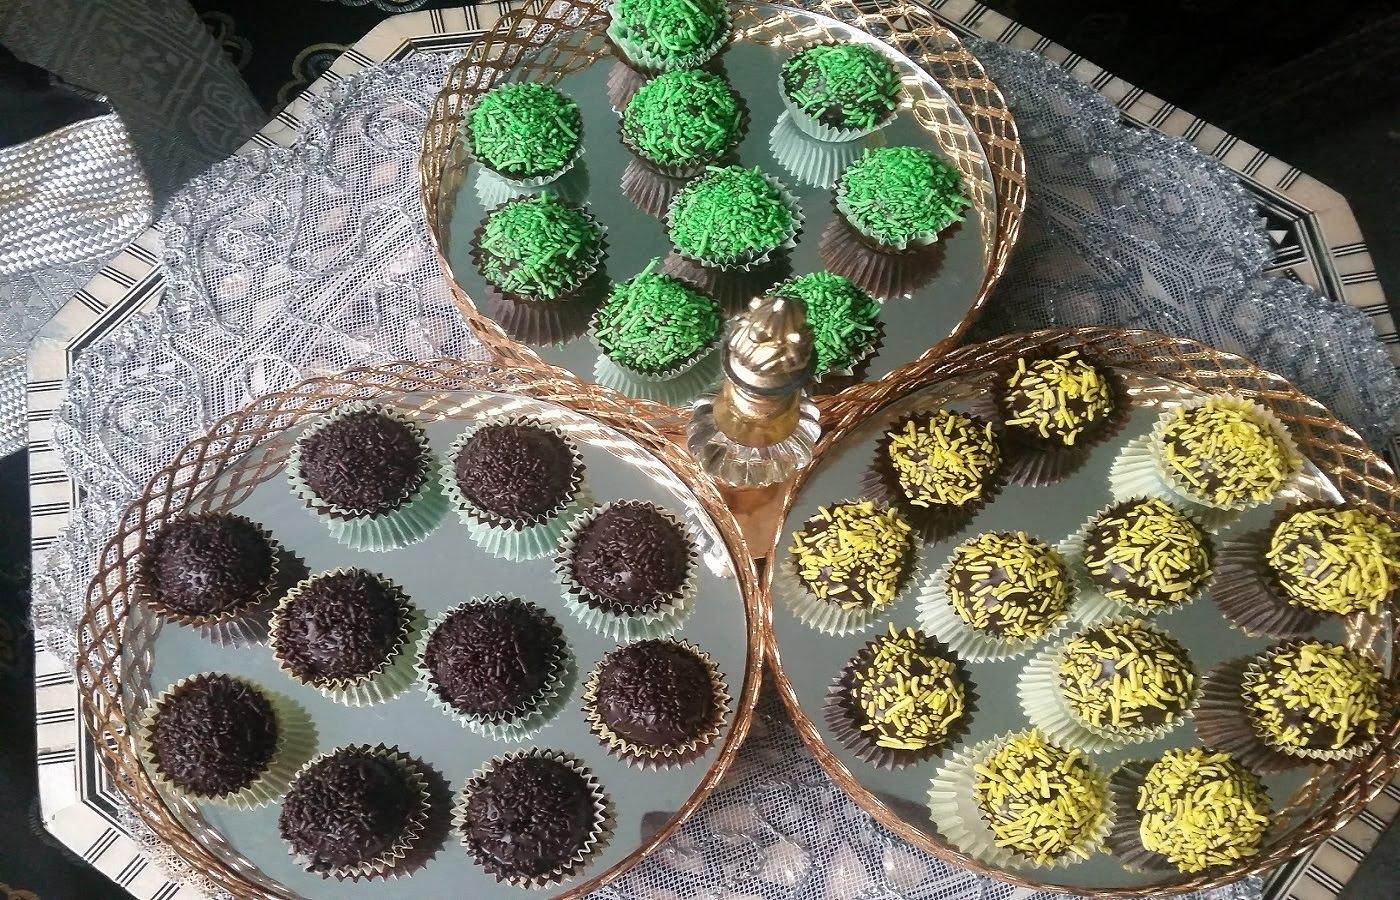 بالصور حلويات سهلة واقتصادية بدون فرن , اسهل حلويات بدون فرن 5418 1